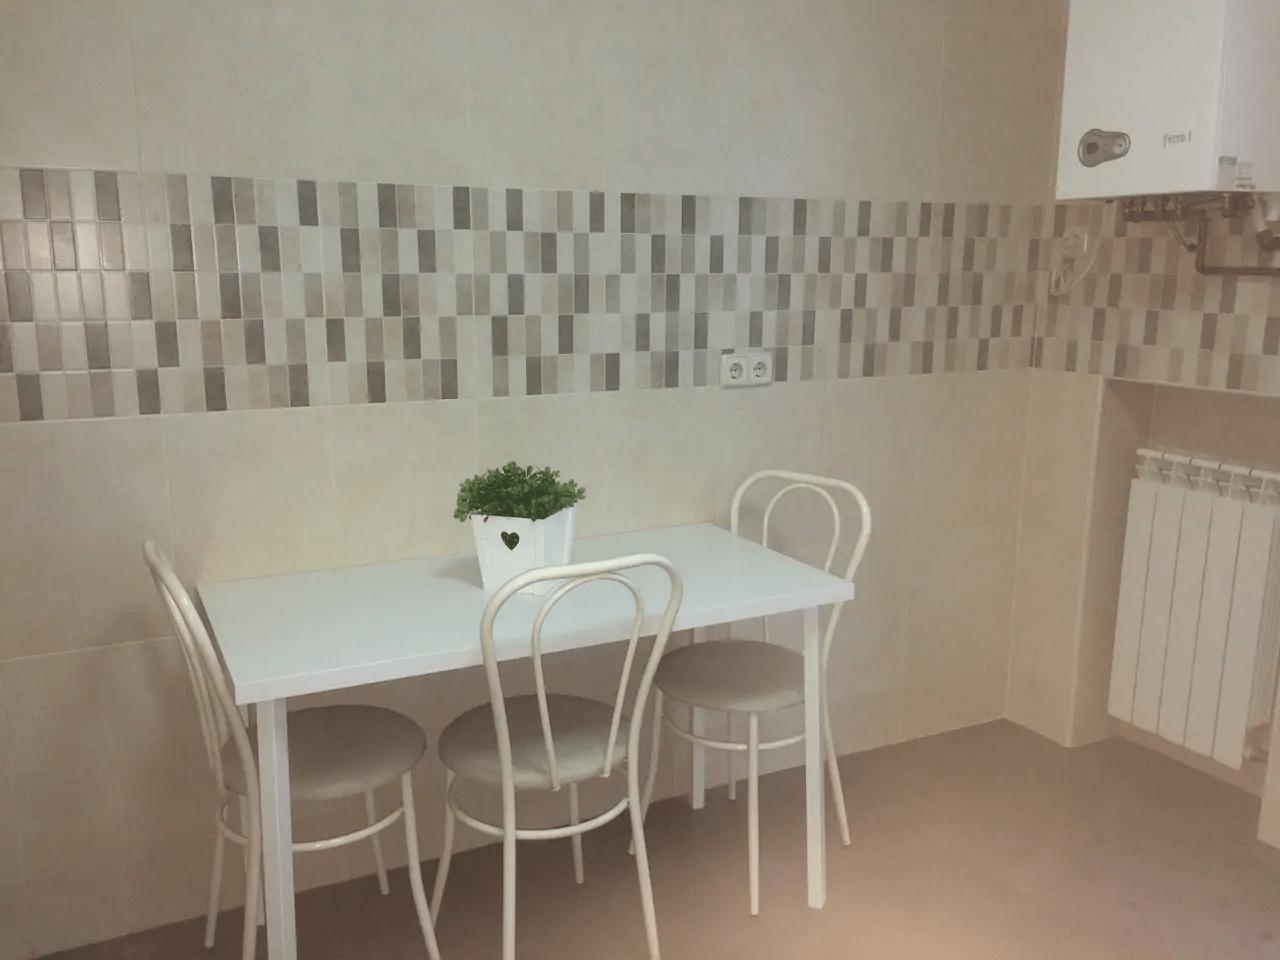 Alcobendas - 2 slaapkamer appartement buiten Madrid voor expats